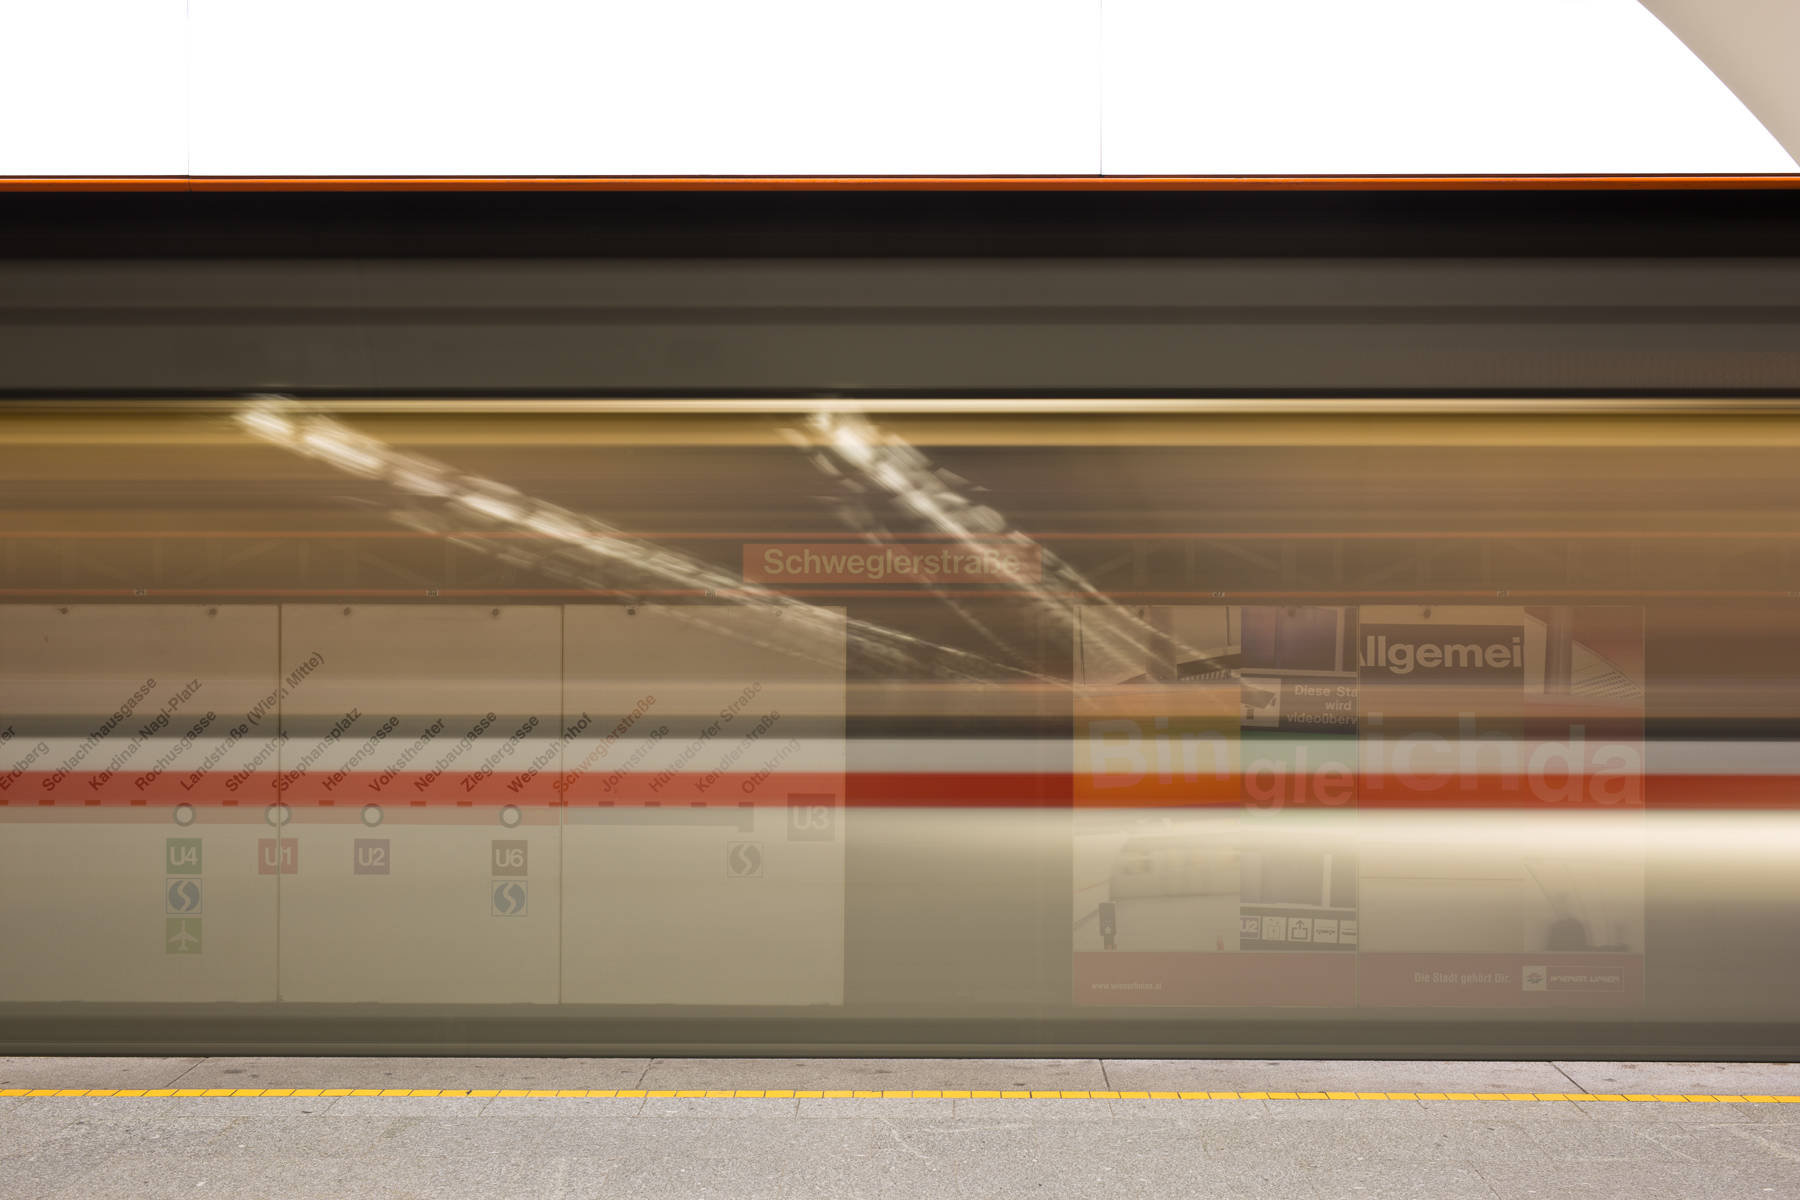 U Bahn-U3-Wien-Österreich